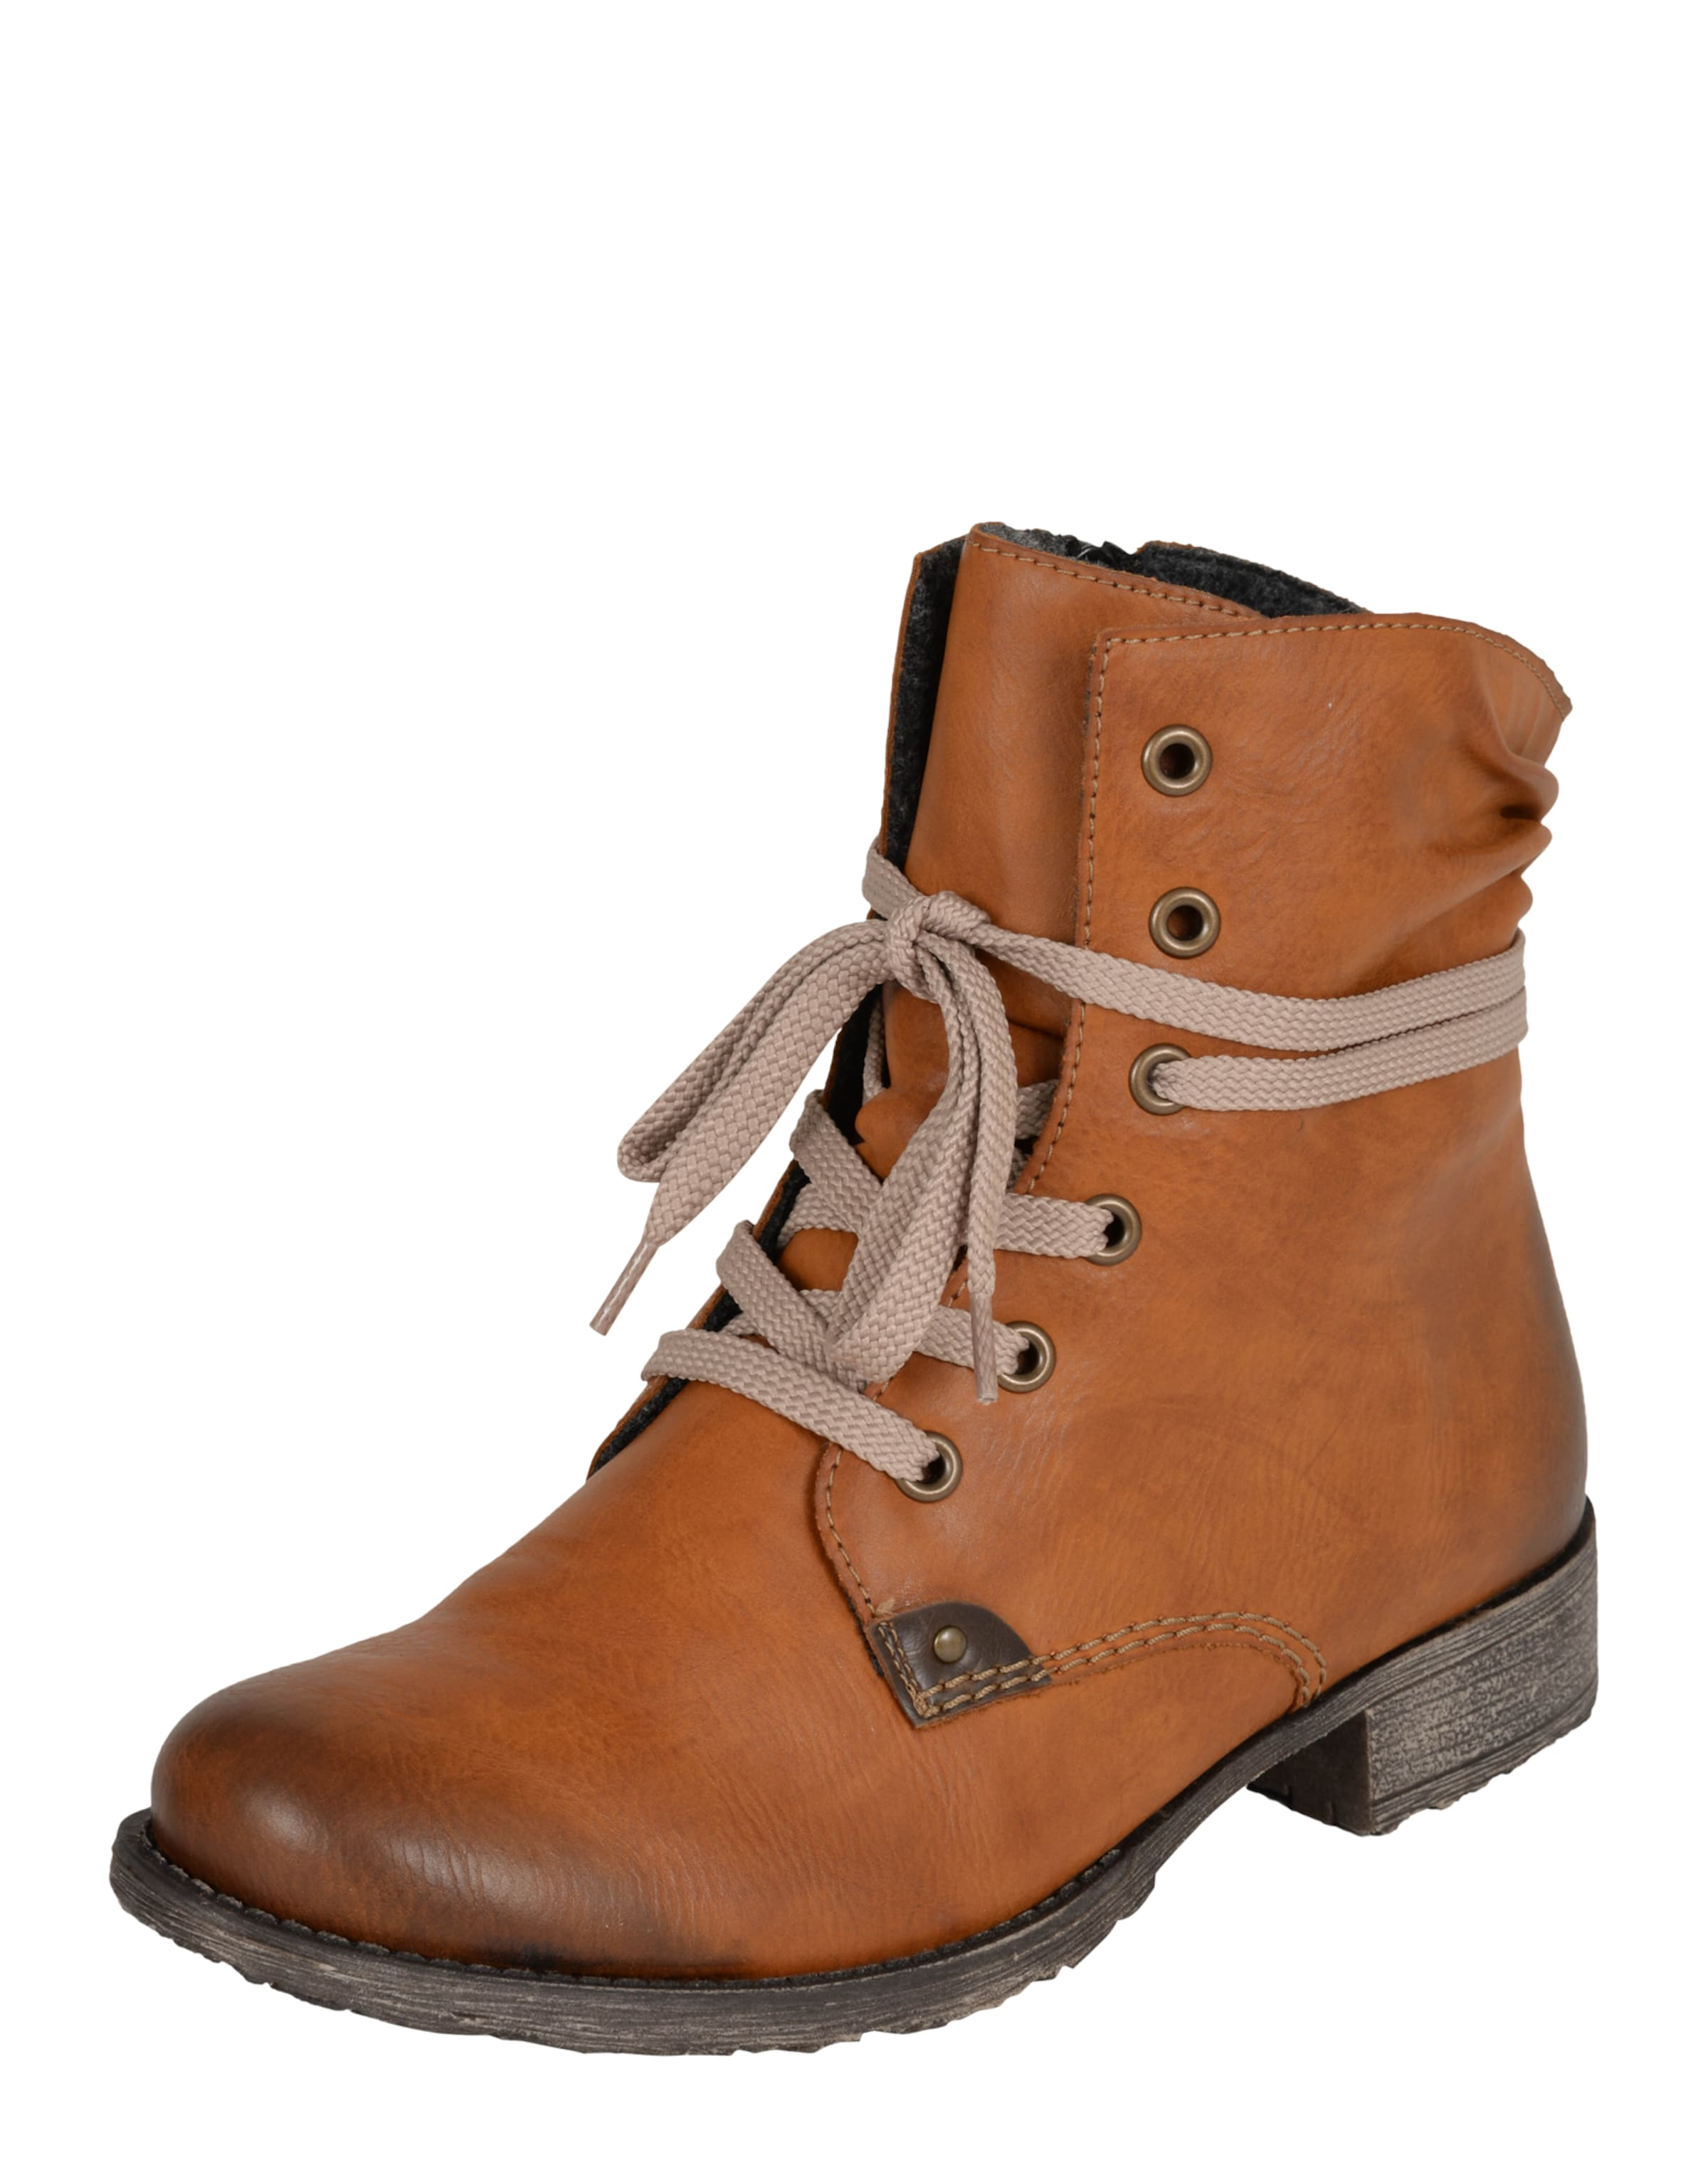 RIEKER Schnürstiefelette mit mit Schnürstiefelette Fleecefutter Günstige und langlebige Schuhe 7b3614